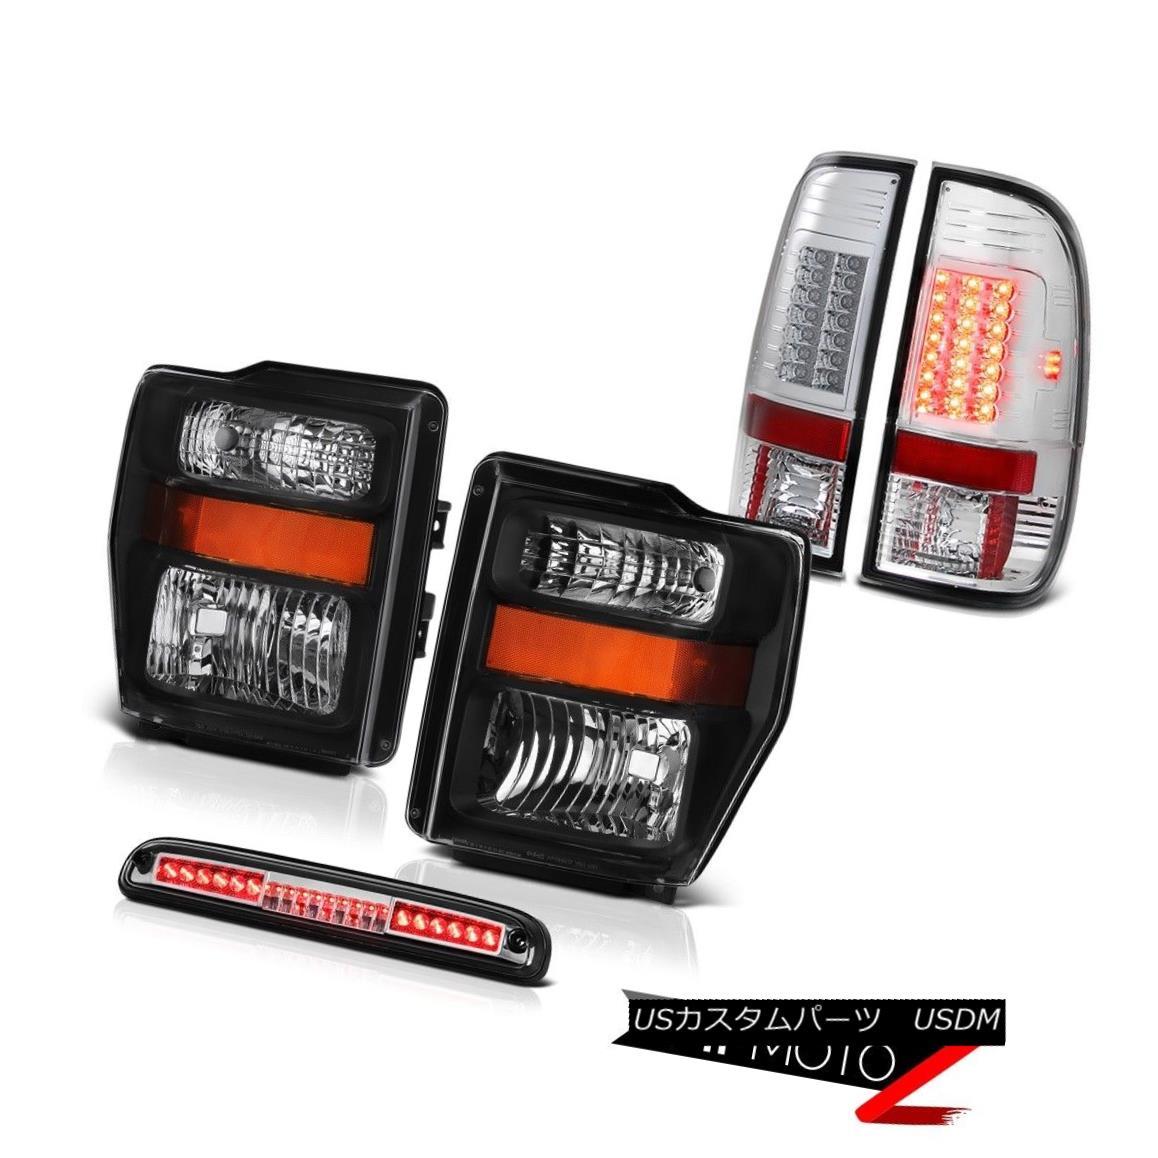 ヘッドライト Pair Black Headlamps Euro Third Brake LED SMD Rear Tail Lights 08-10 F250 Lariat ペアブラックヘッドランプユーロサードブレーキLED SMDリアテールライト08-10 F250ラリアート